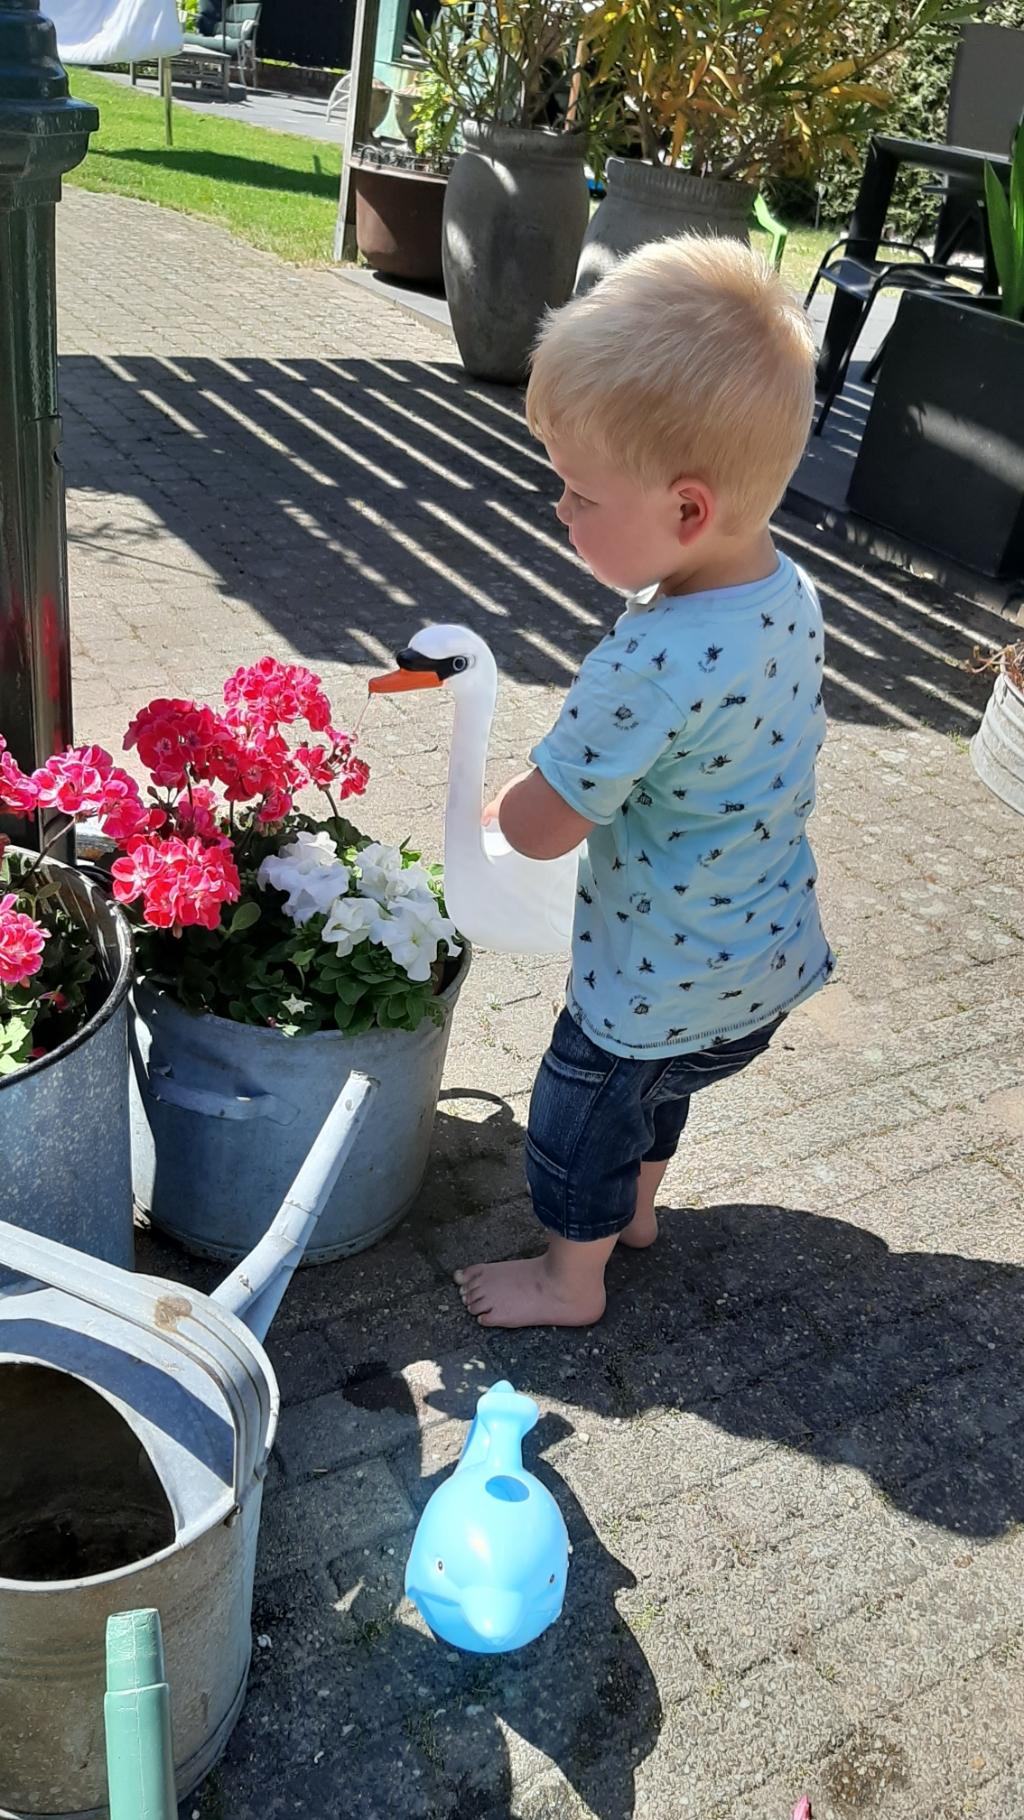 Op deze foto is mijn kleinzoon bezig met zijn  liefste bezigheid, op blote voeten planten water geven bij oma in de tuin. Marriëtte Stomphorst © BDU Media